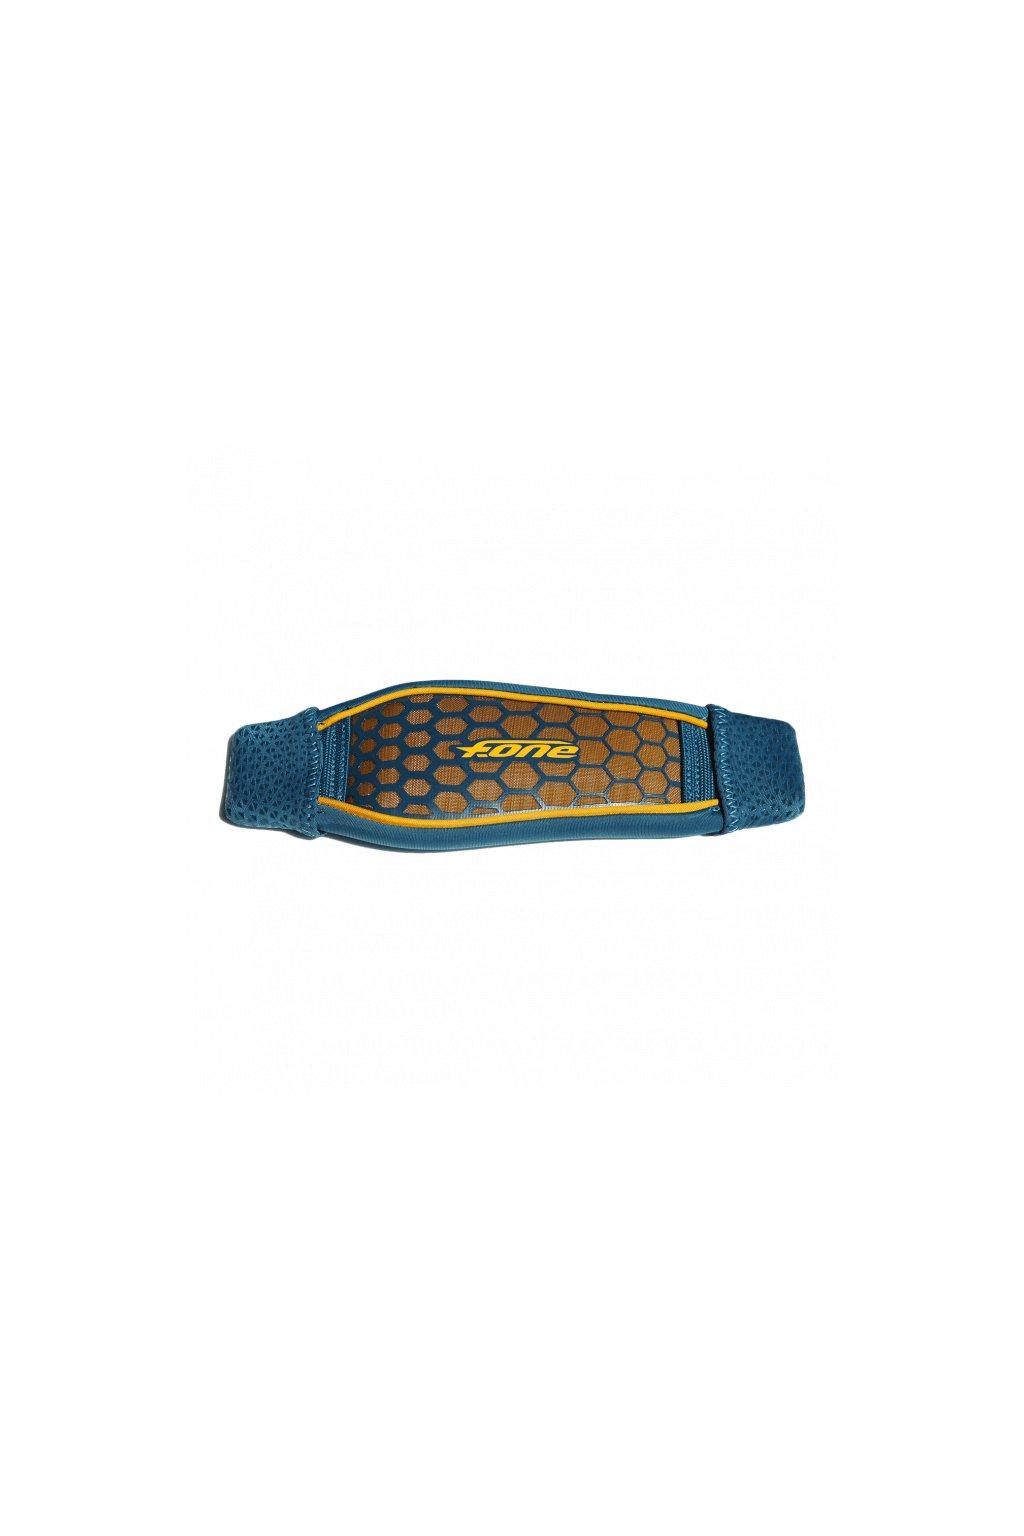 surf strap 3 650x650